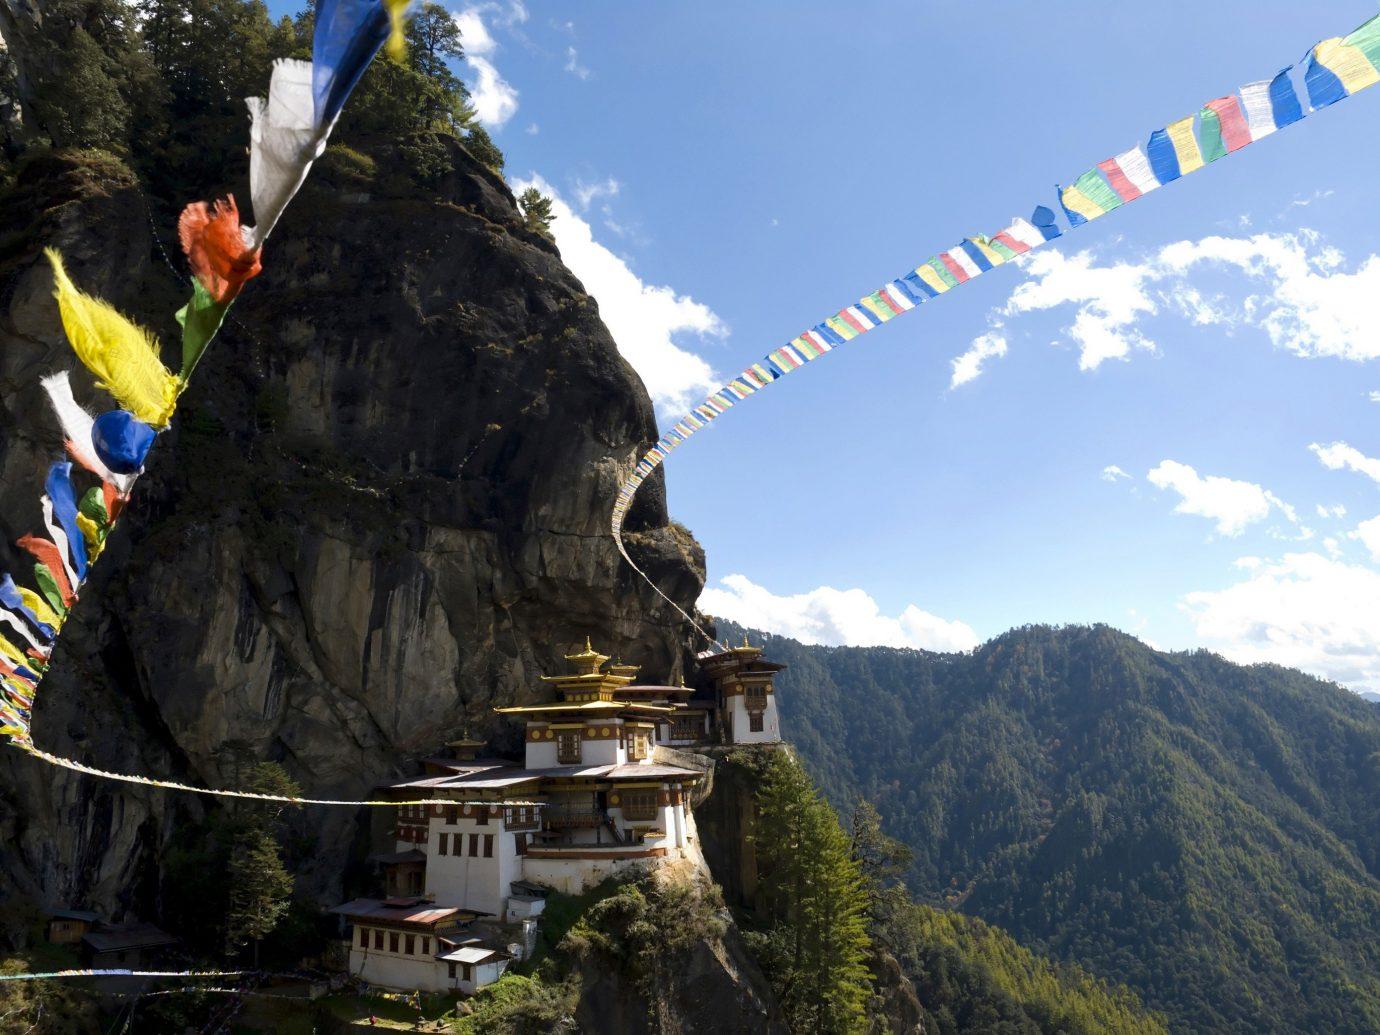 Travel Tips tree outdoor mountain Adventure tourism mountain range extreme sport